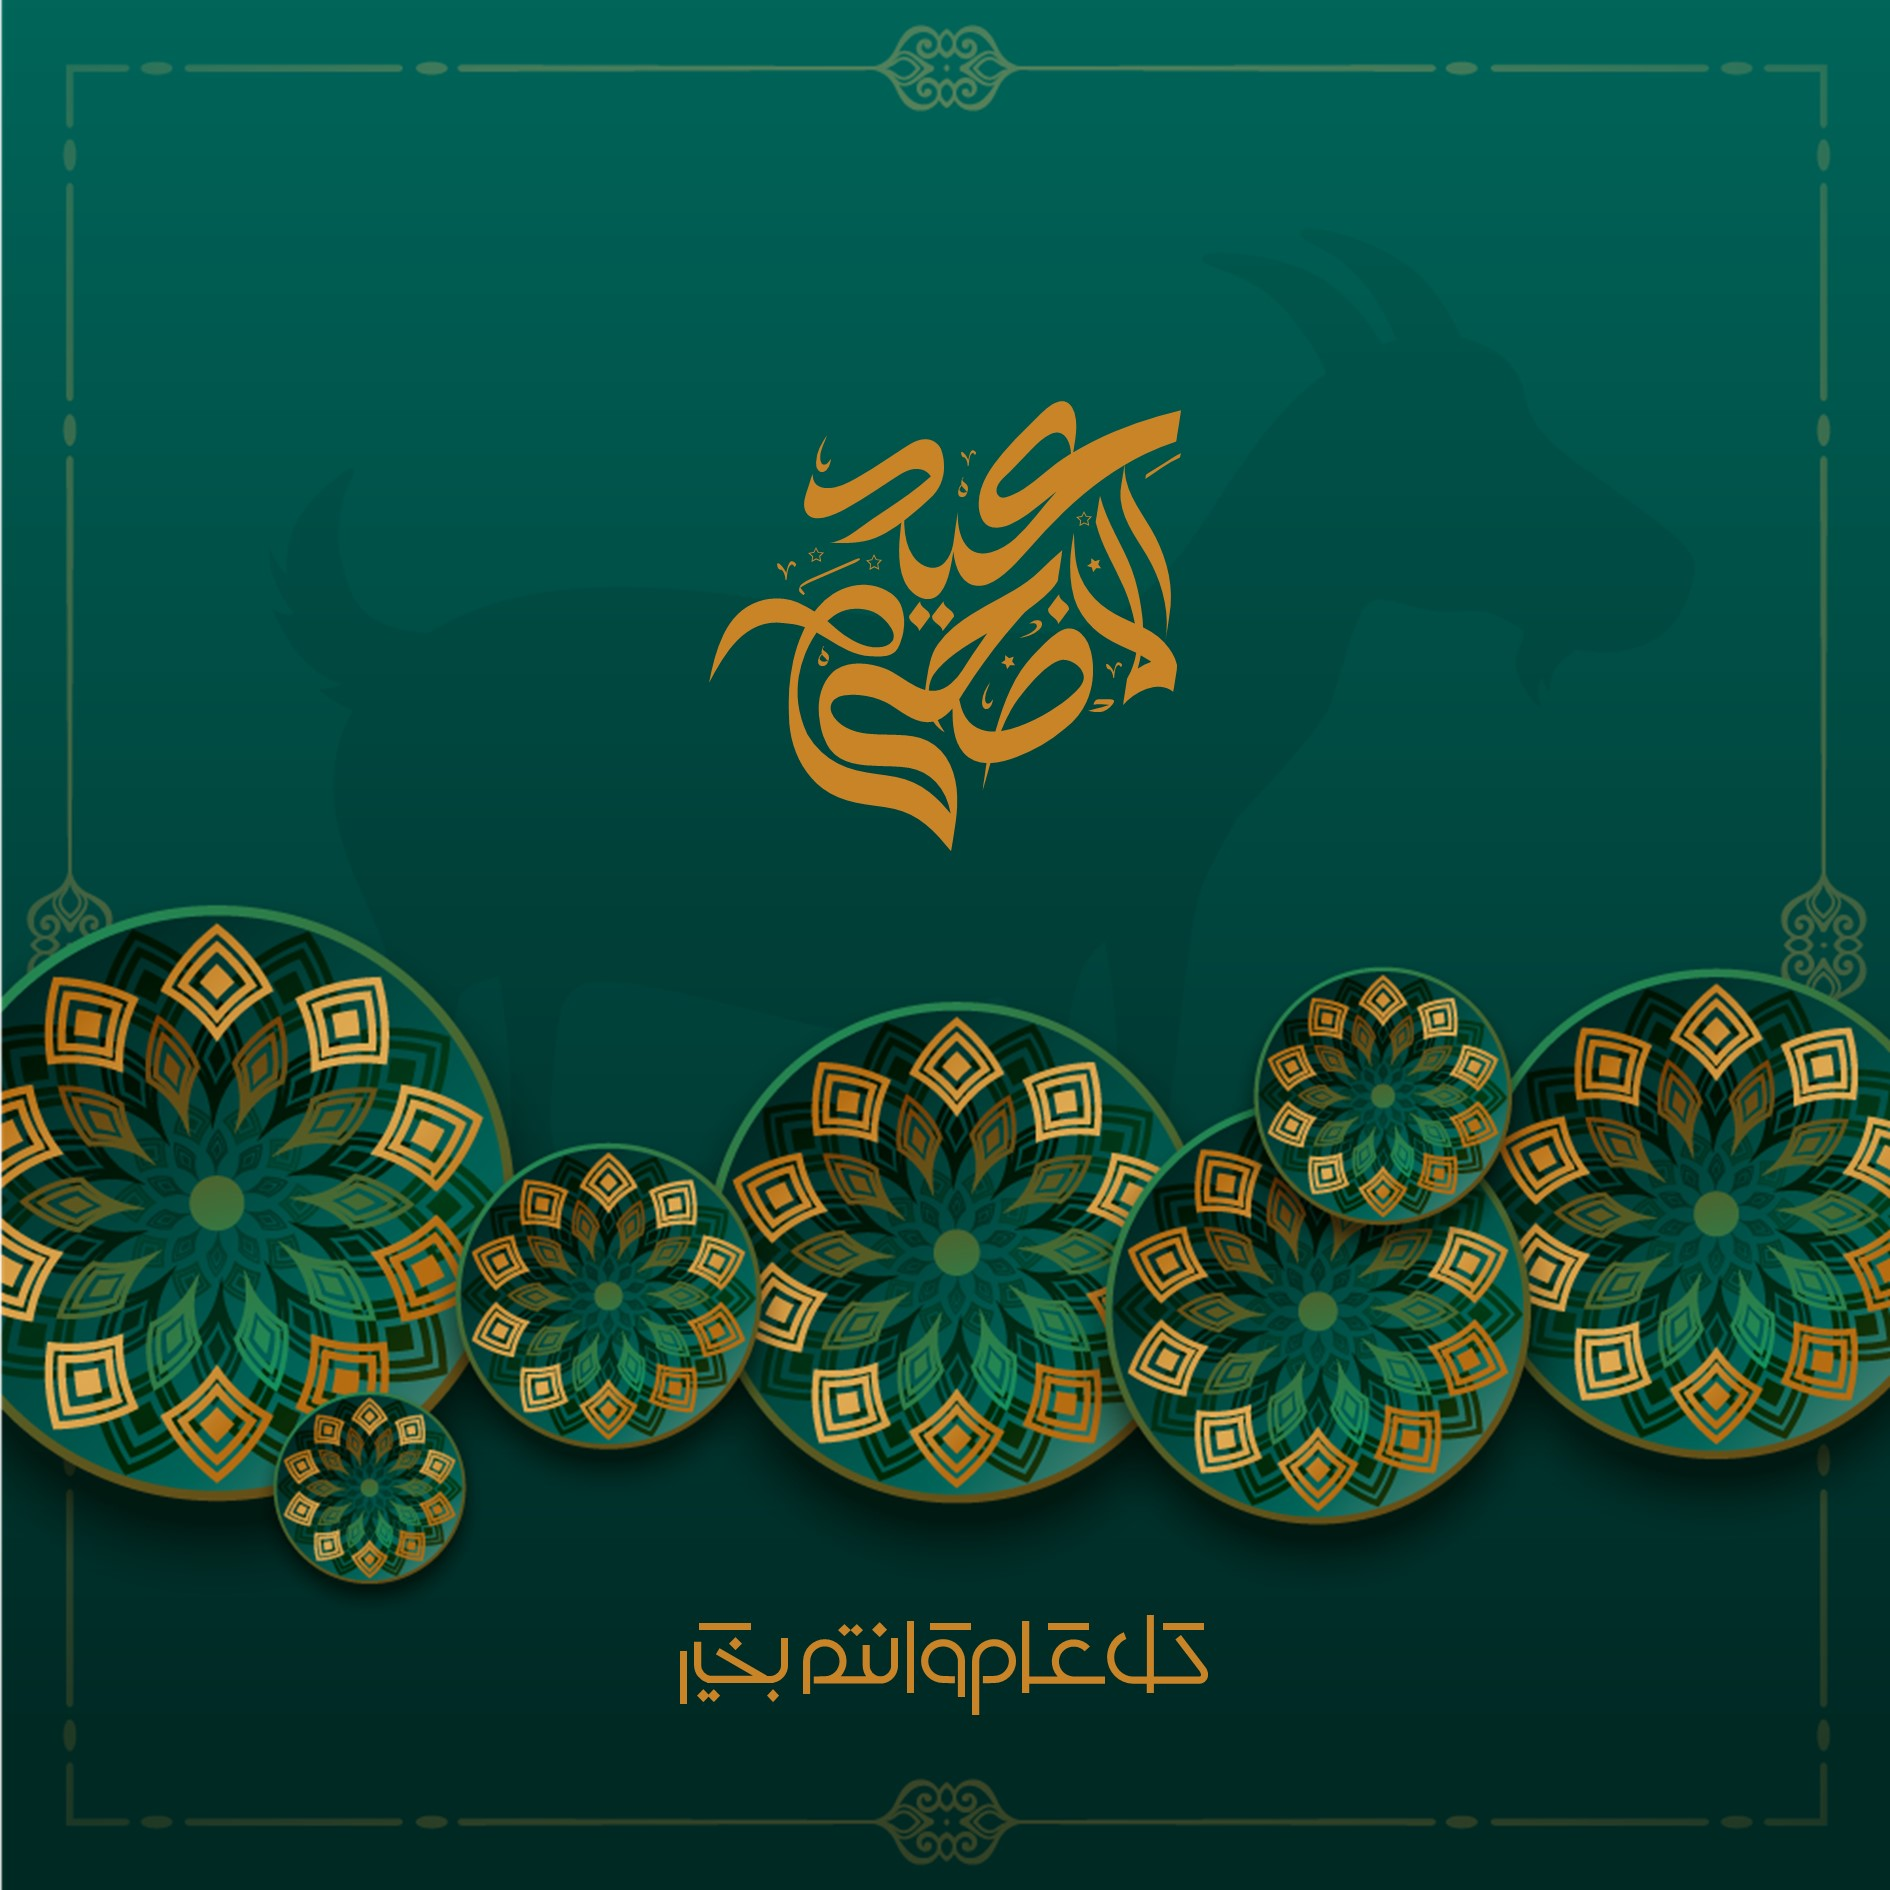 تحميل تصميم عيد الأضحى مجانا